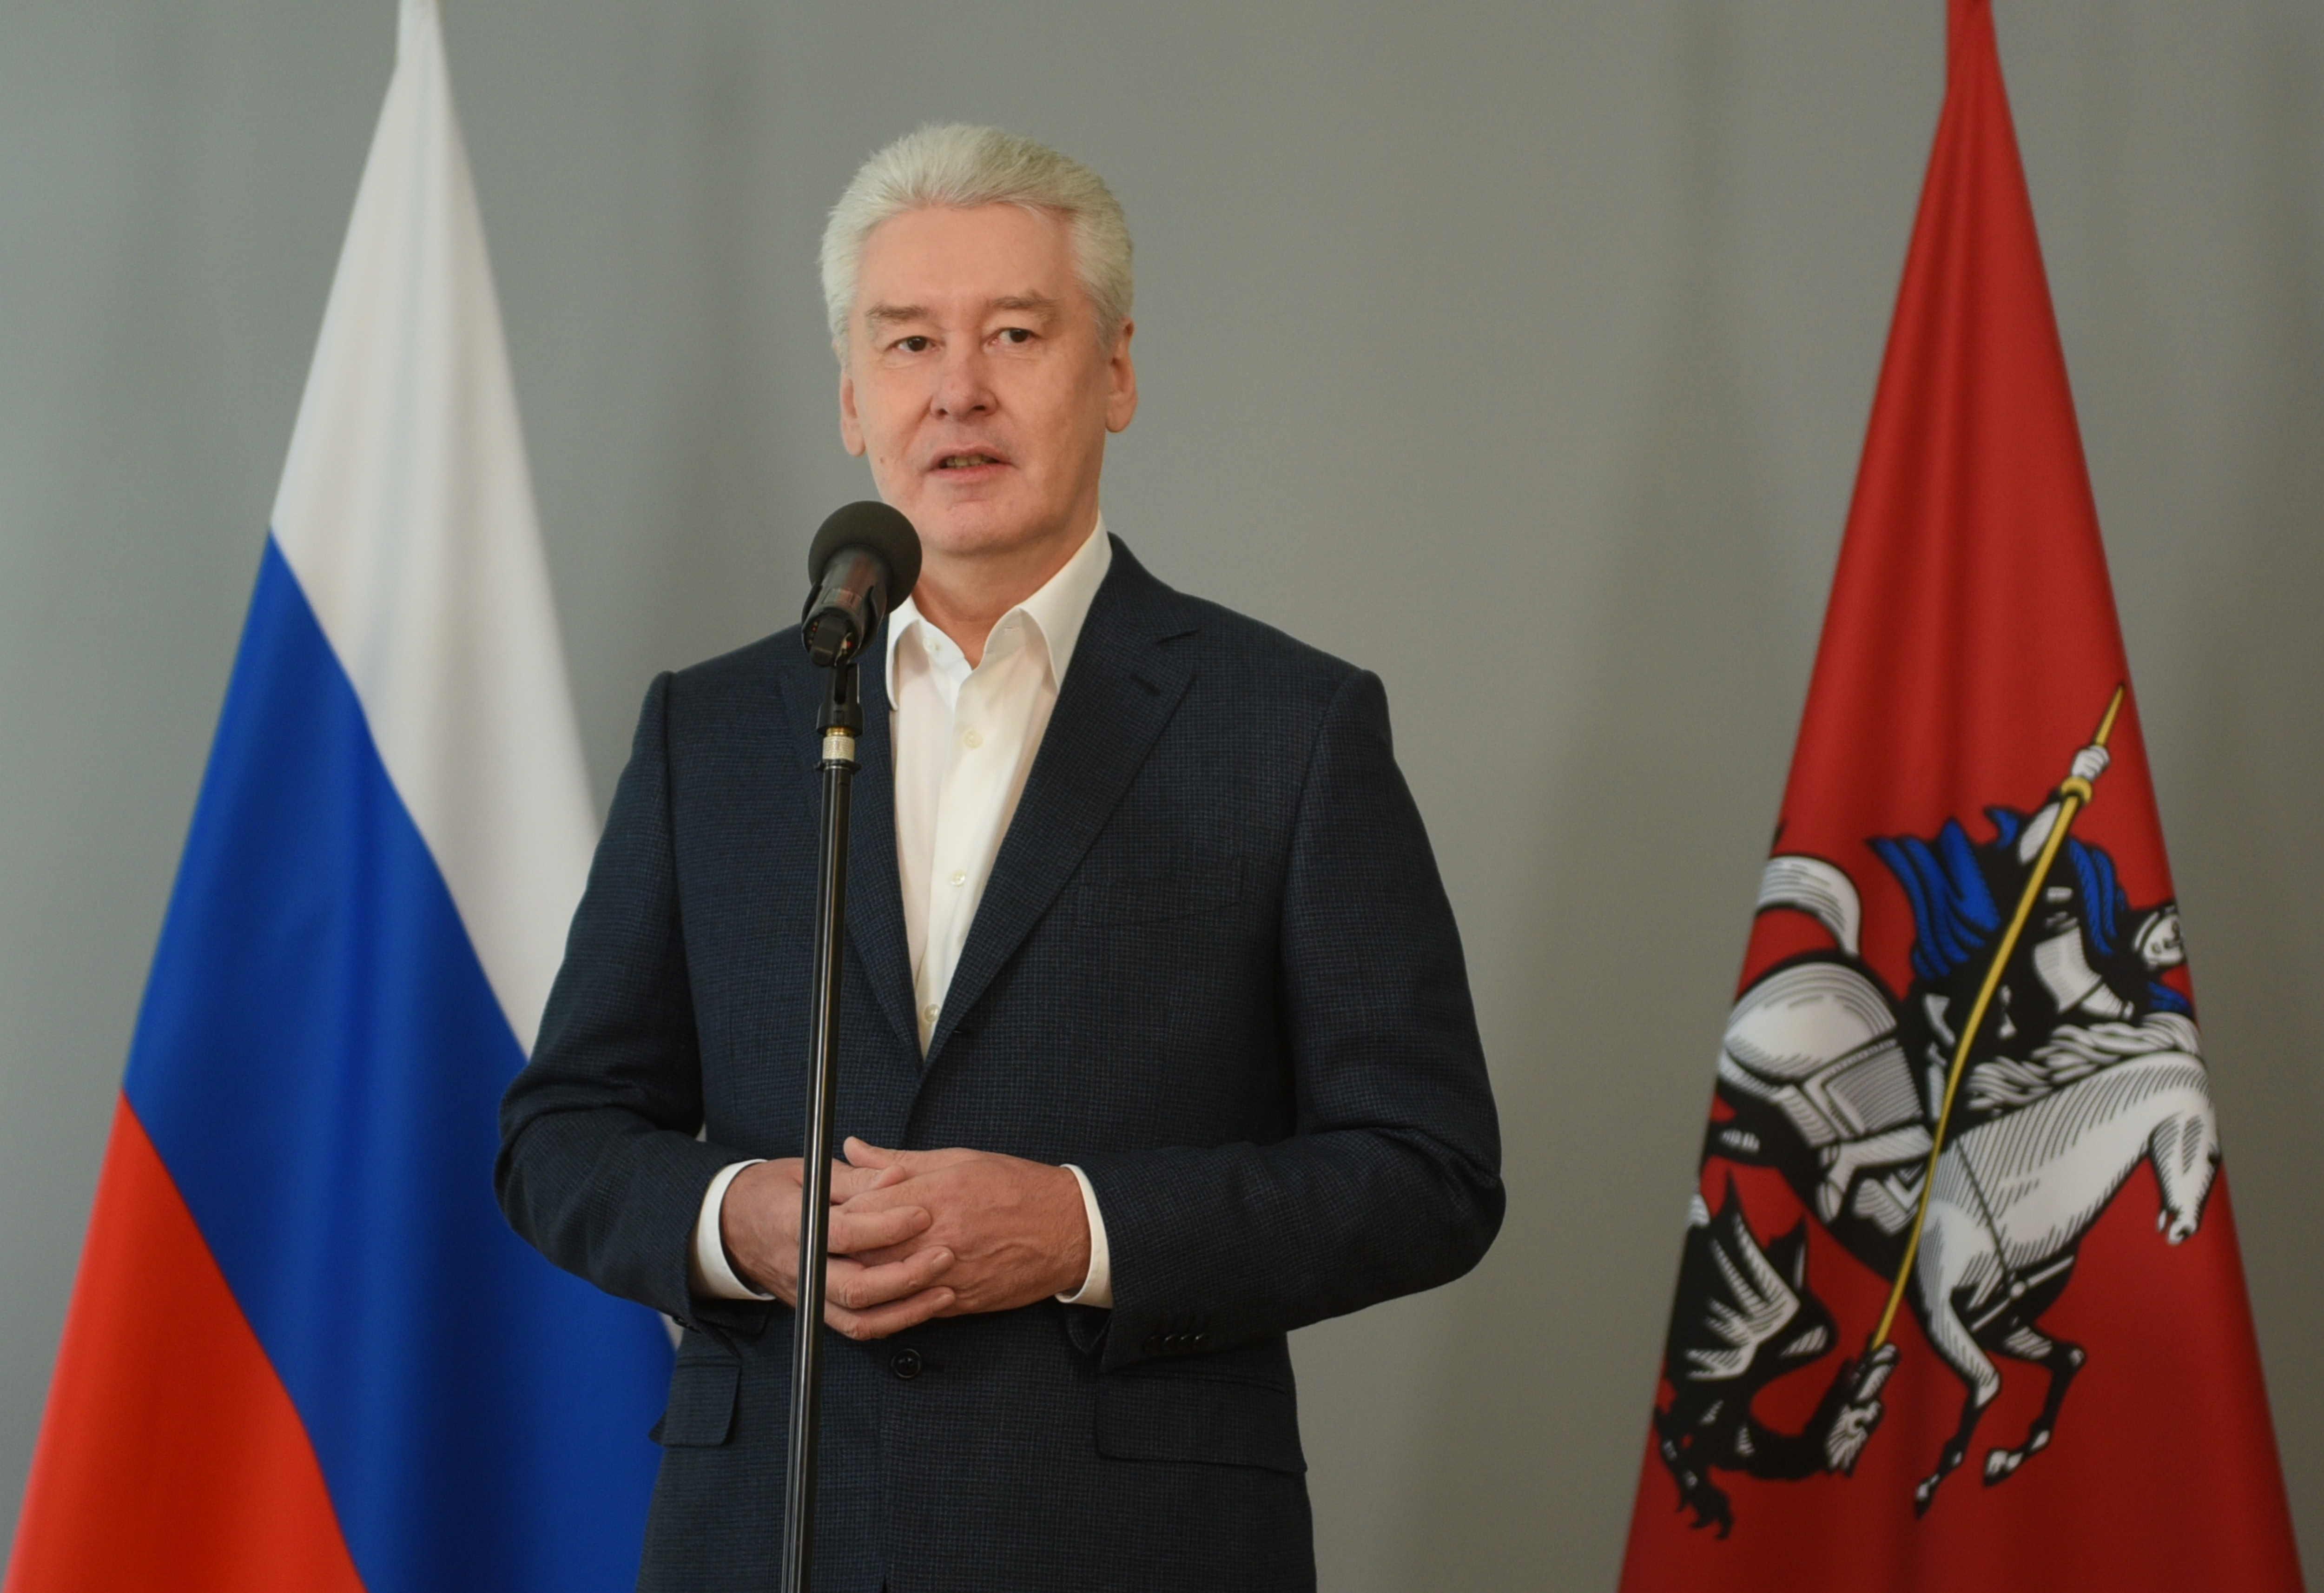 Сергей Собянин рассказал о роли Москвы в российской экономике